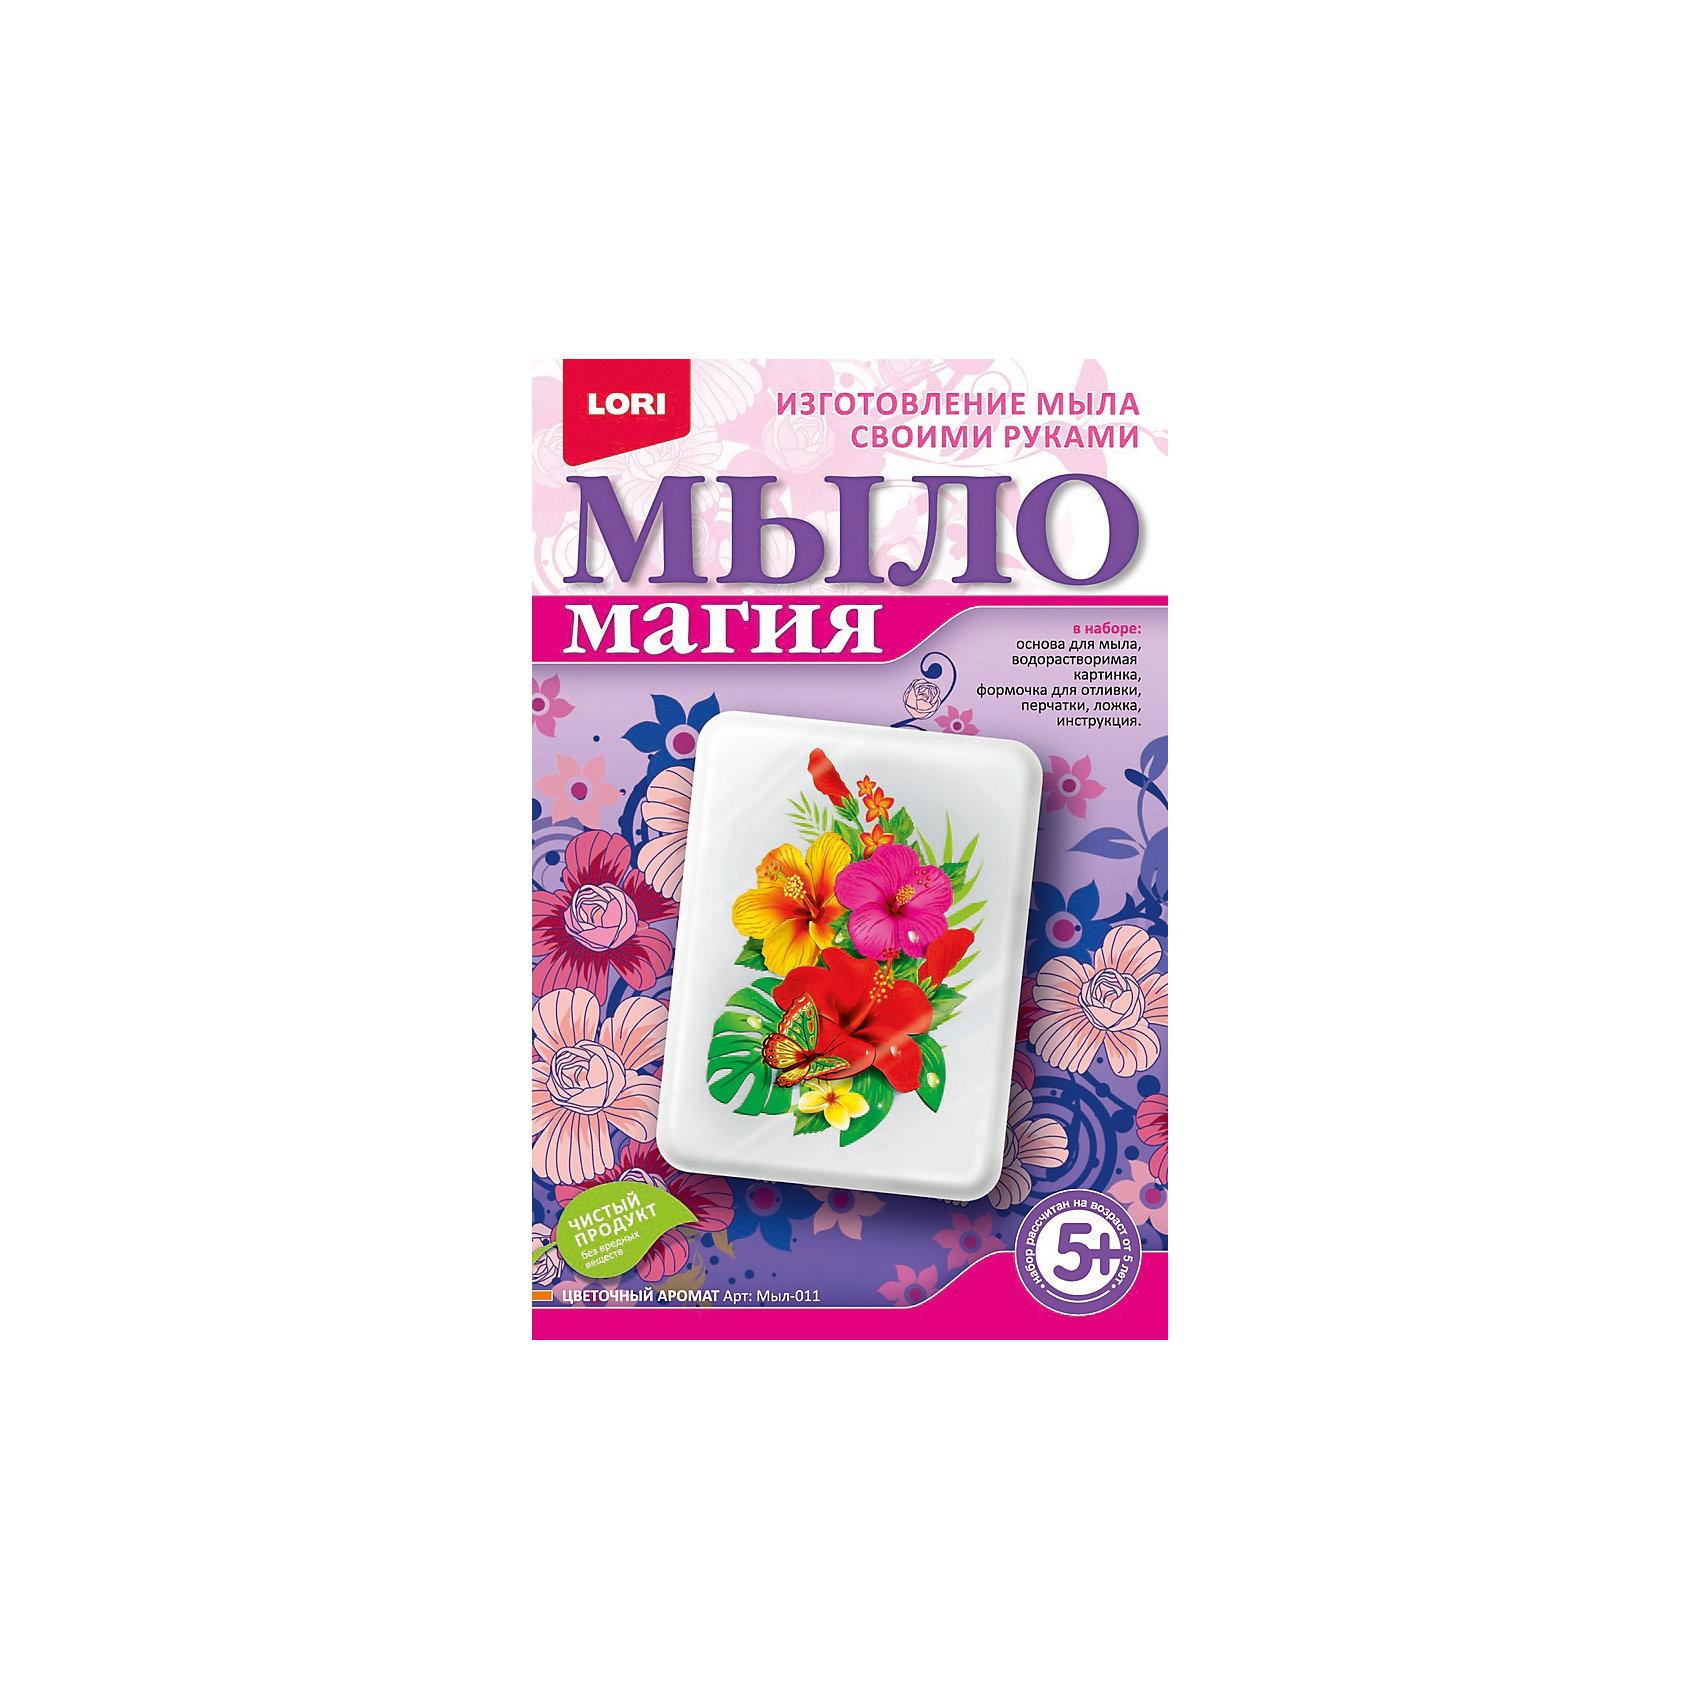 МылоМагия Цветочный ароматС этим замечательным набором ваш ребенок попробует себя в искусстве мыловарения.  Это увлекательное занятие придется по душе как детям, так и взрослым. Мыло ручной работы - это оригинальный подарок и хороший способ порадовать себя и близких. <br><br>Дополнительная информация:<br><br>- Материал: пластик, мыло, безопасные красители. <br>- Размер упаковки: 14х4х21 см.<br>- Комплектация: 100 г мыльной основы, красители, формы, приспособления.<br>- Мыло гипоаллергенно, безопасно для детей. <br><br>Набор МылоМагия. Цветочный аромат можно купить в нашем магазине.<br><br>Ширина мм: 370<br>Глубина мм: 250<br>Высота мм: 155<br>Вес г: 142<br>Возраст от месяцев: 60<br>Возраст до месяцев: 2147483647<br>Пол: Унисекс<br>Возраст: Детский<br>SKU: 4561190